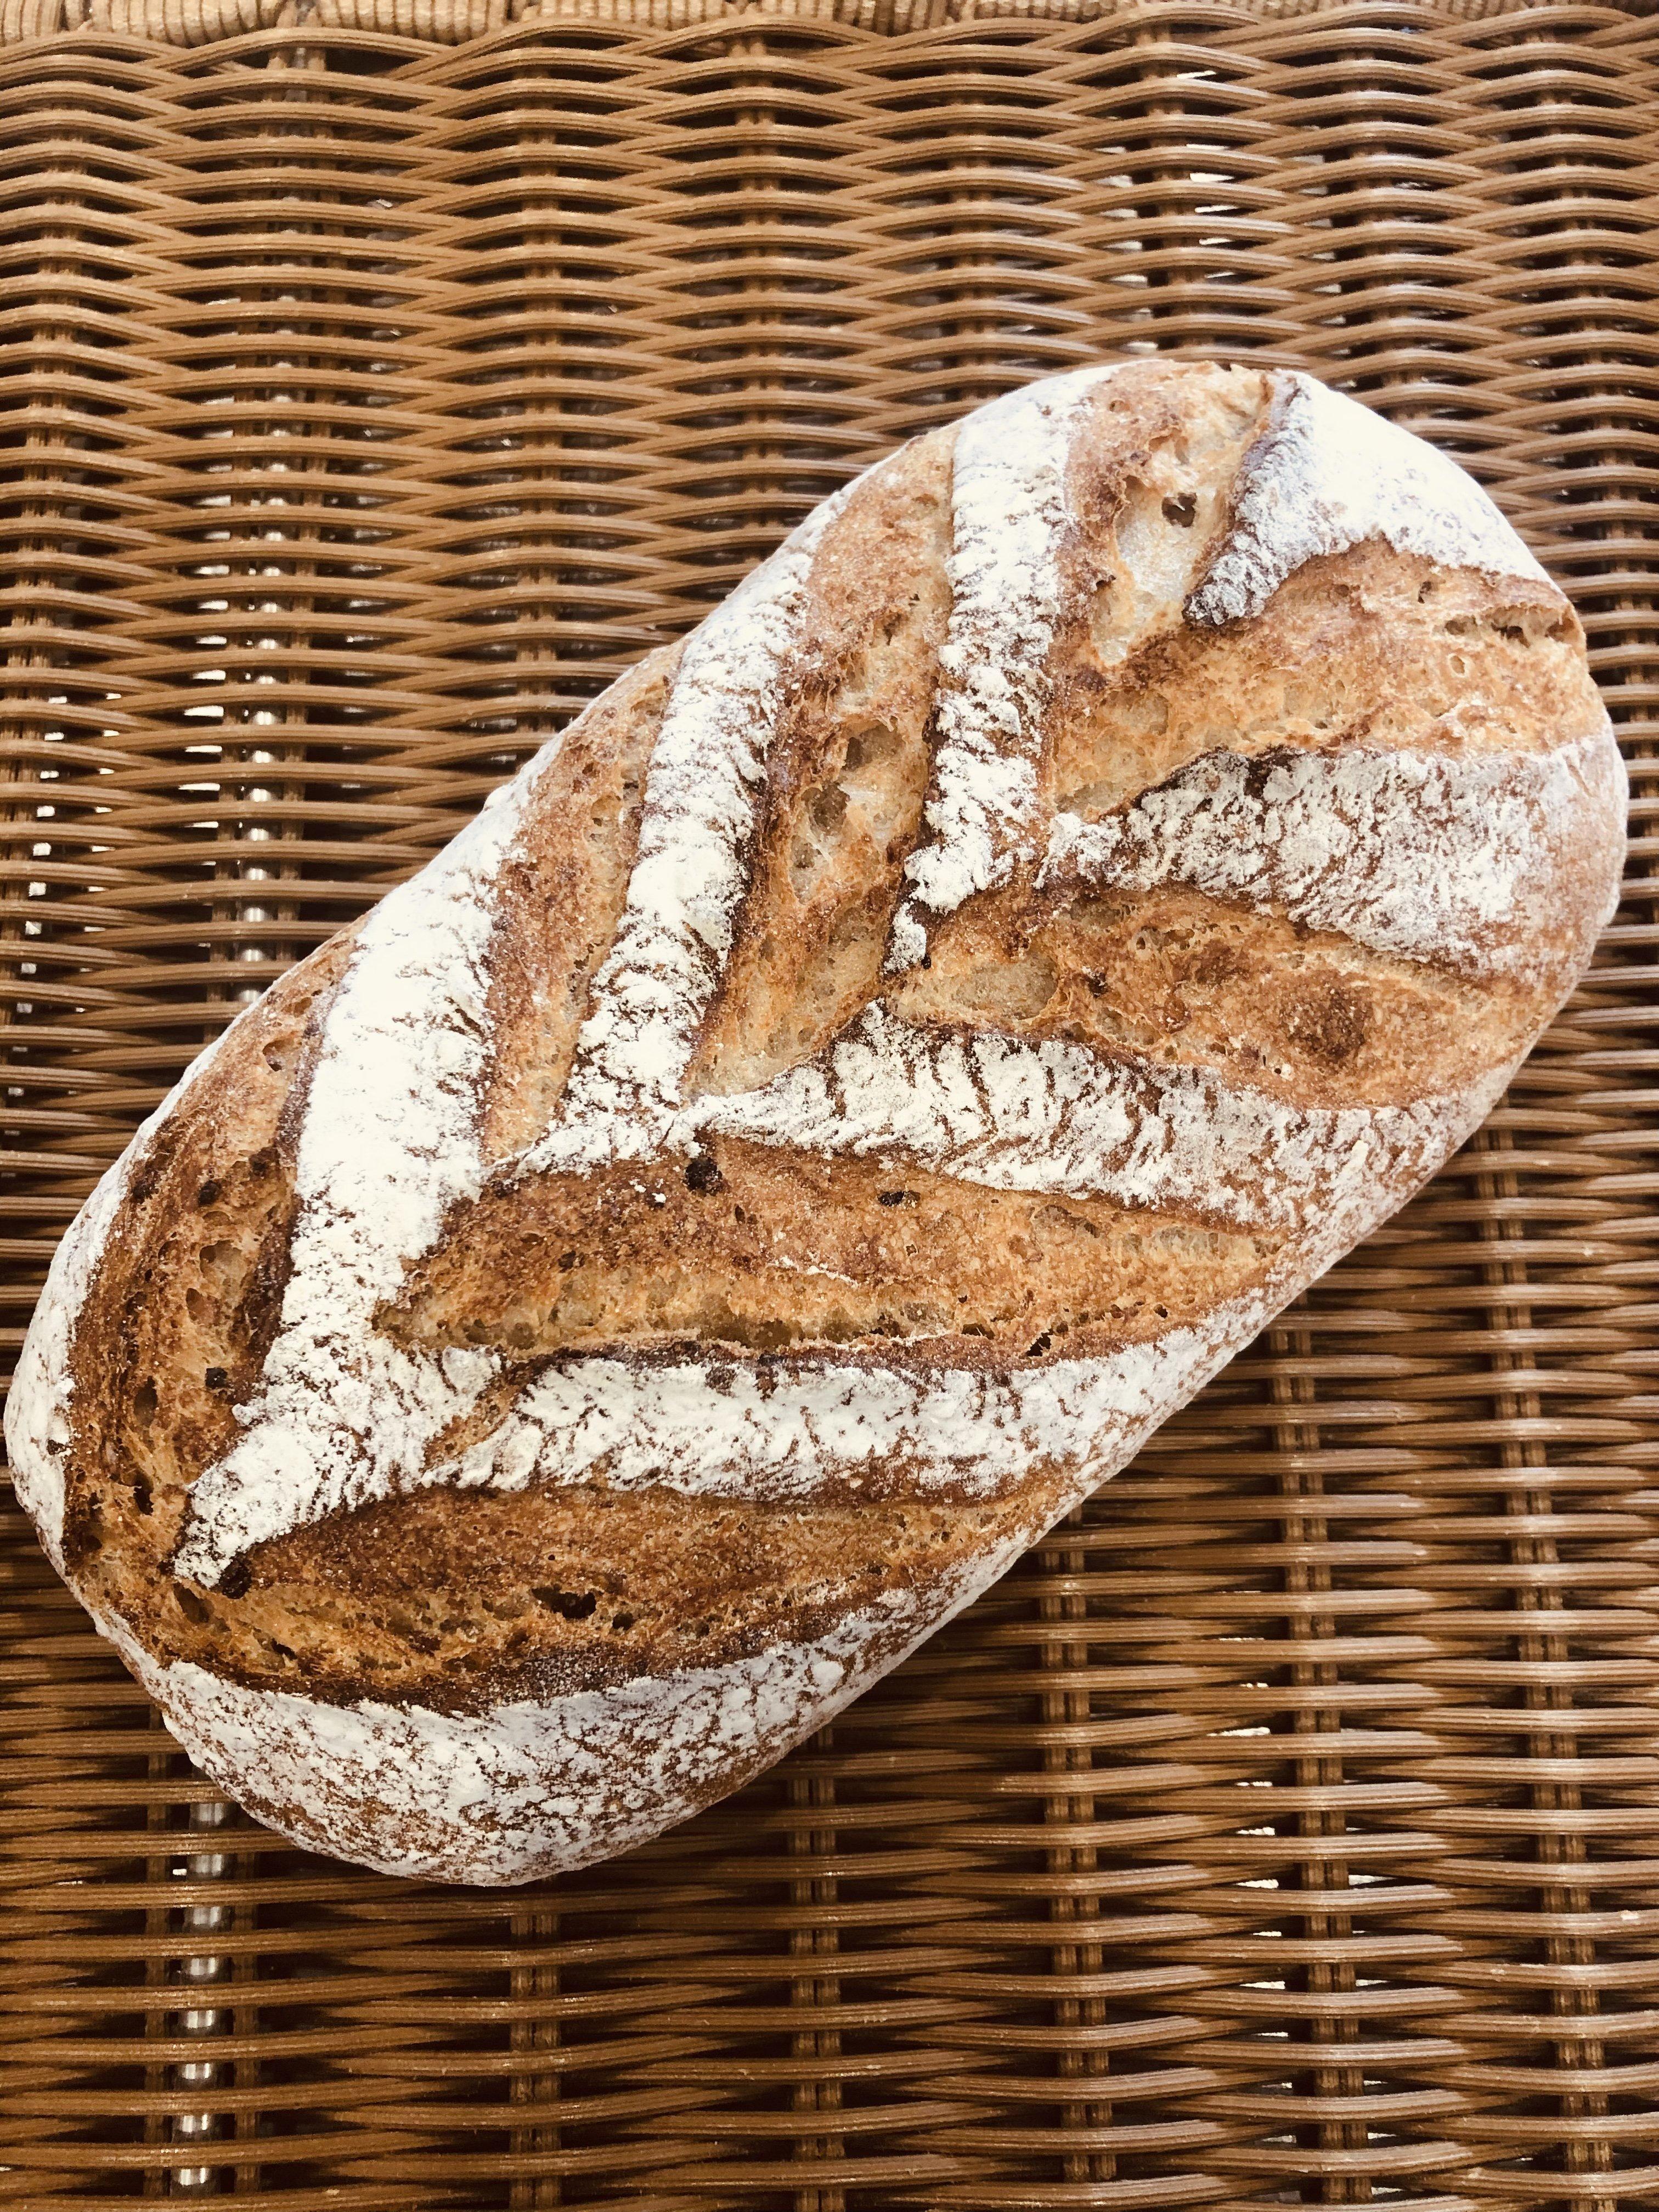 炊き込み玄米パンレジオン(無農薬玄米と16種の穀物を炊き込んで練り込んた田舎パン)のイメージその1